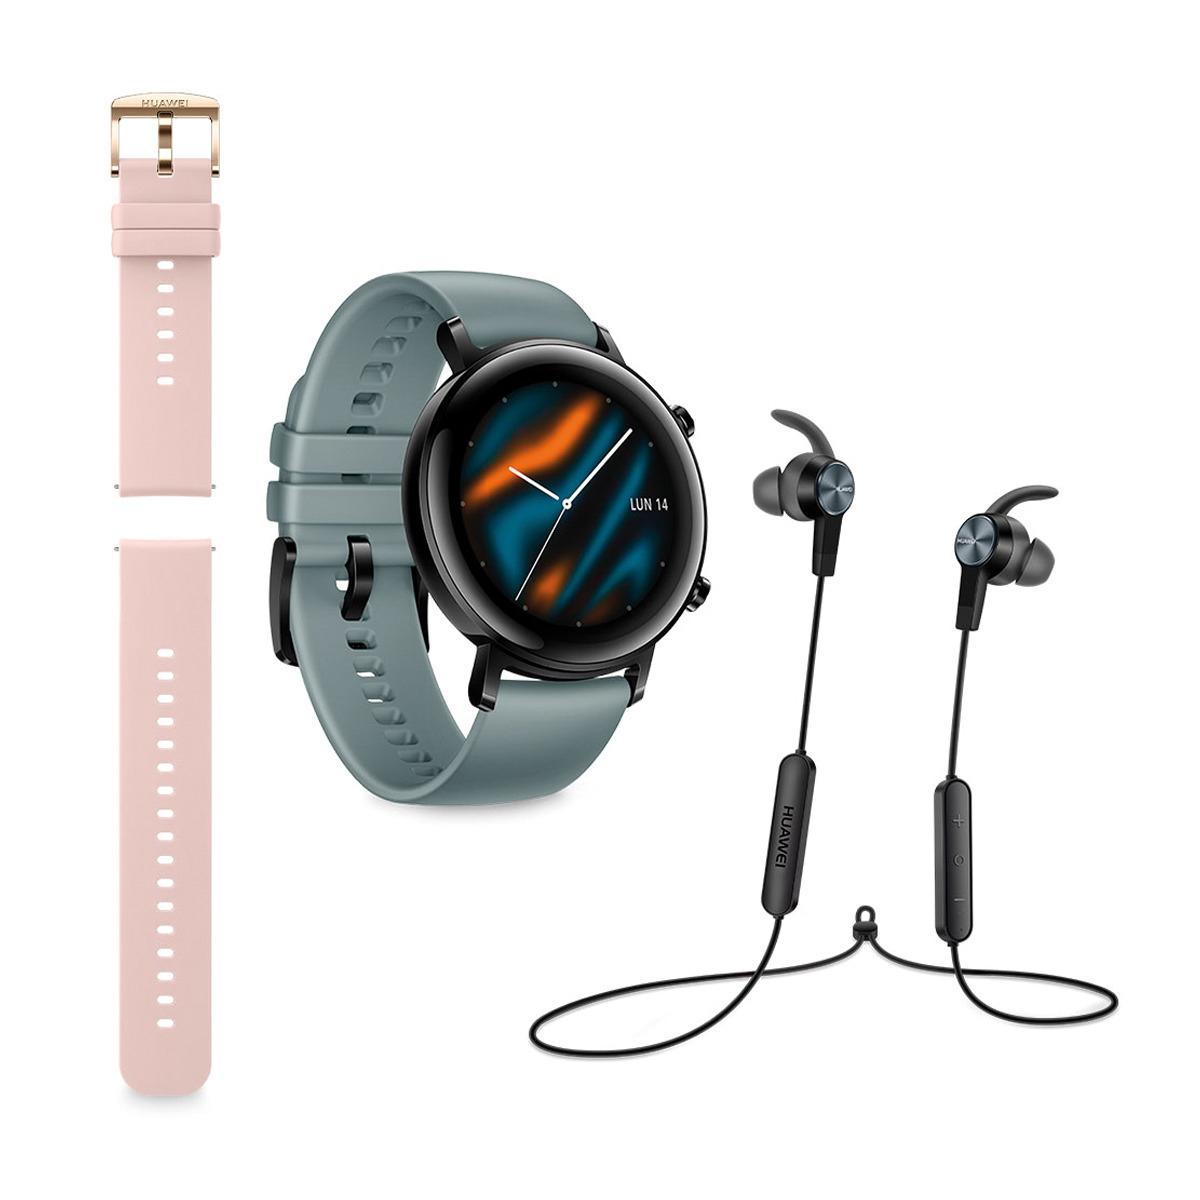 Huawei watch GT2 con correa adicional y auriculares Bluetooth